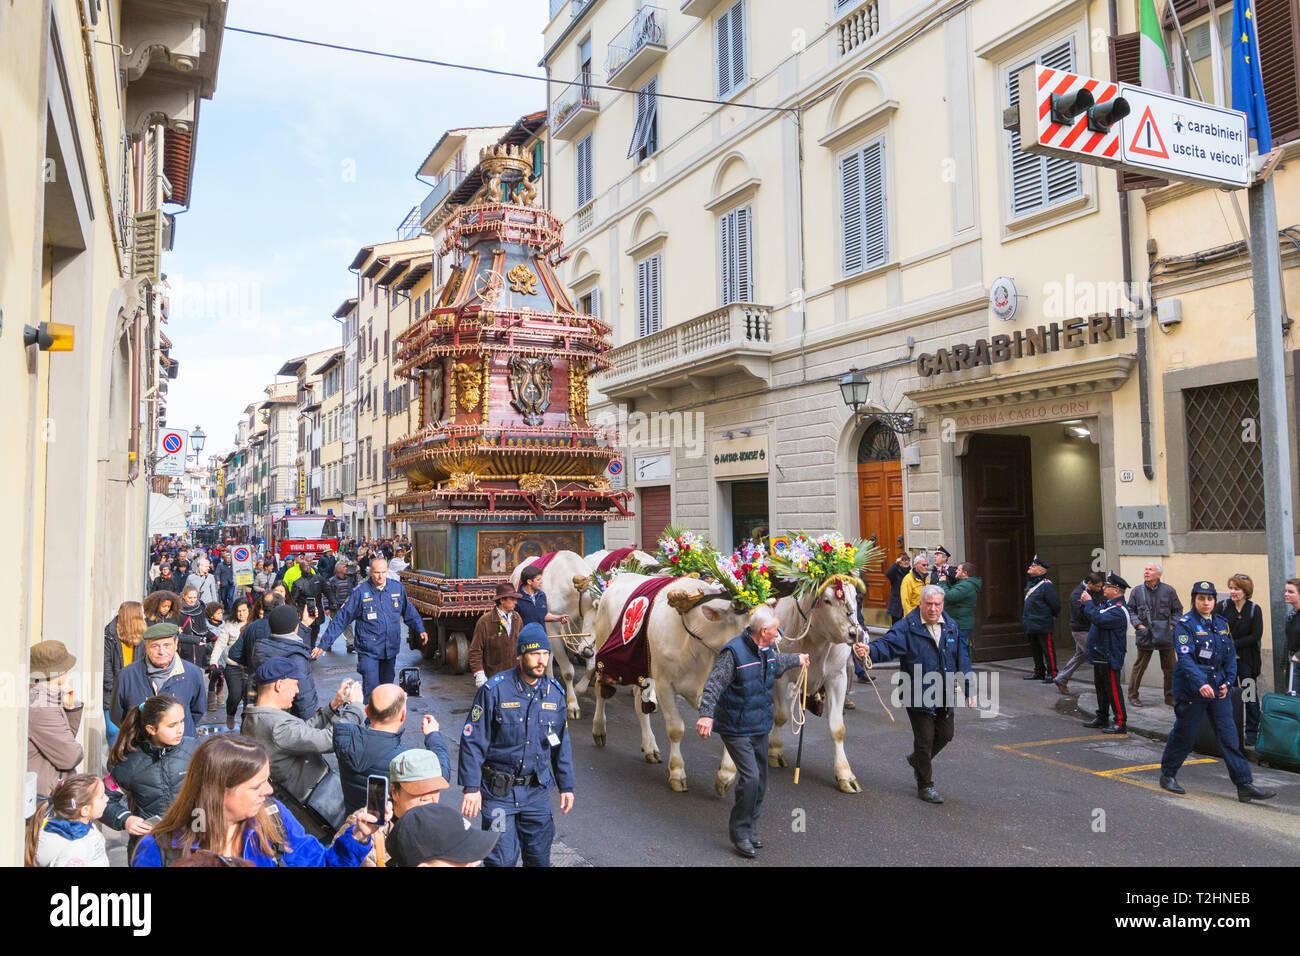 Una carreta de bueyes por la explosión del carro festival (El Estallido del Carro) donde el Domingo de Pascua un carro de la pirotecnia está encendido, Florencia, Toscana, Italia Imagen De Stock